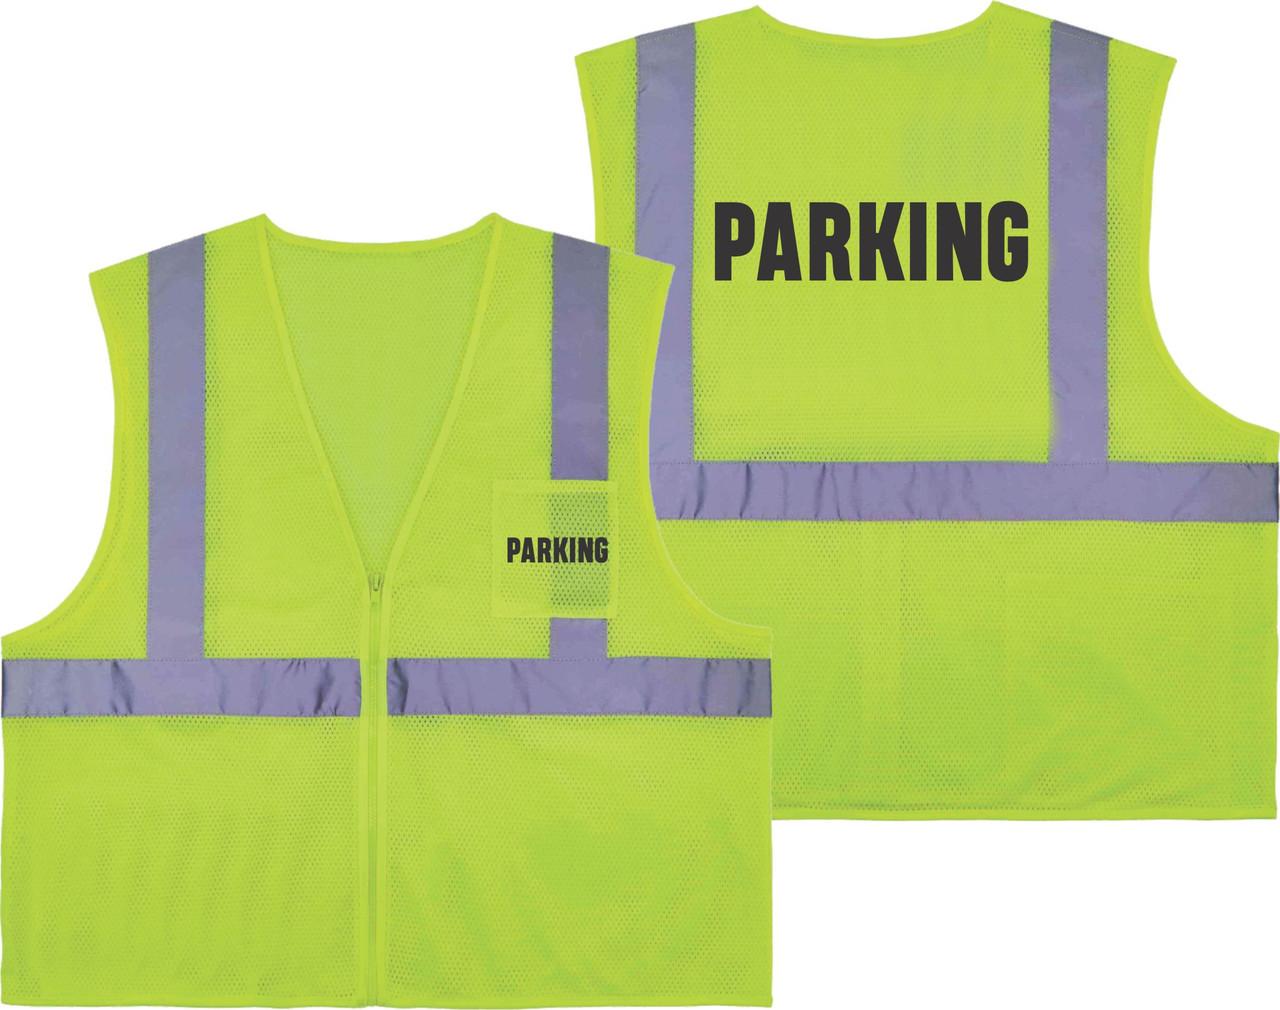 Printed PARKING Safety Vest Class 2 - Great for Hi Vis Vest for Events